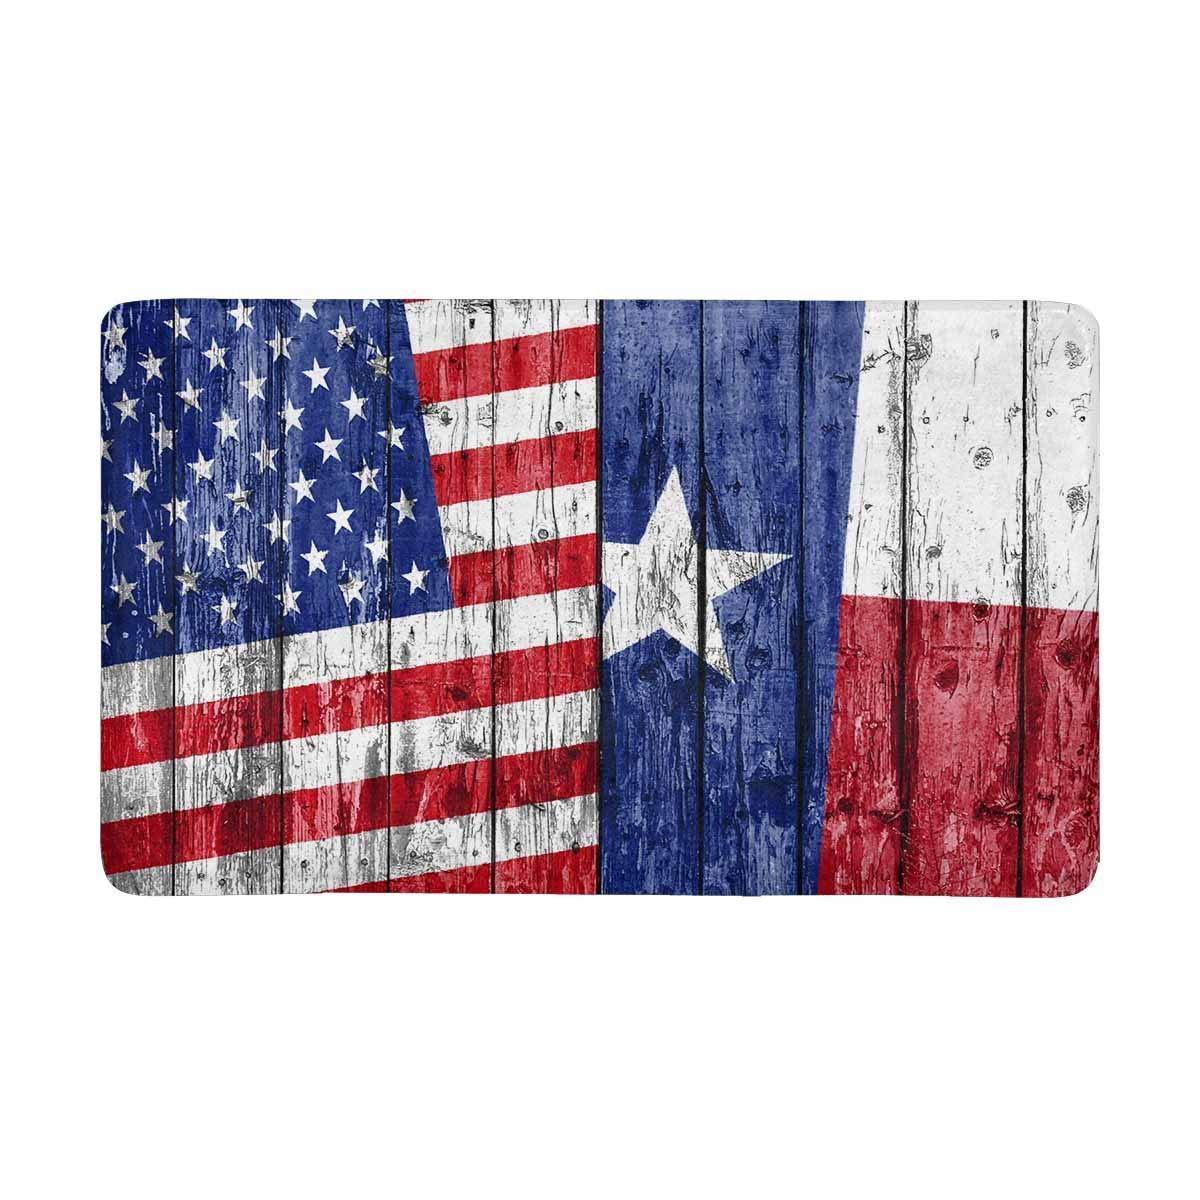 Enthousiast Vlag Us Texas Geschilderd Op Houten Frame Gedrukt Indoor Deurmat Badkamer Keuken Anti-slip Deur Mat Entree Tapijt Tapijten Druppel Droog